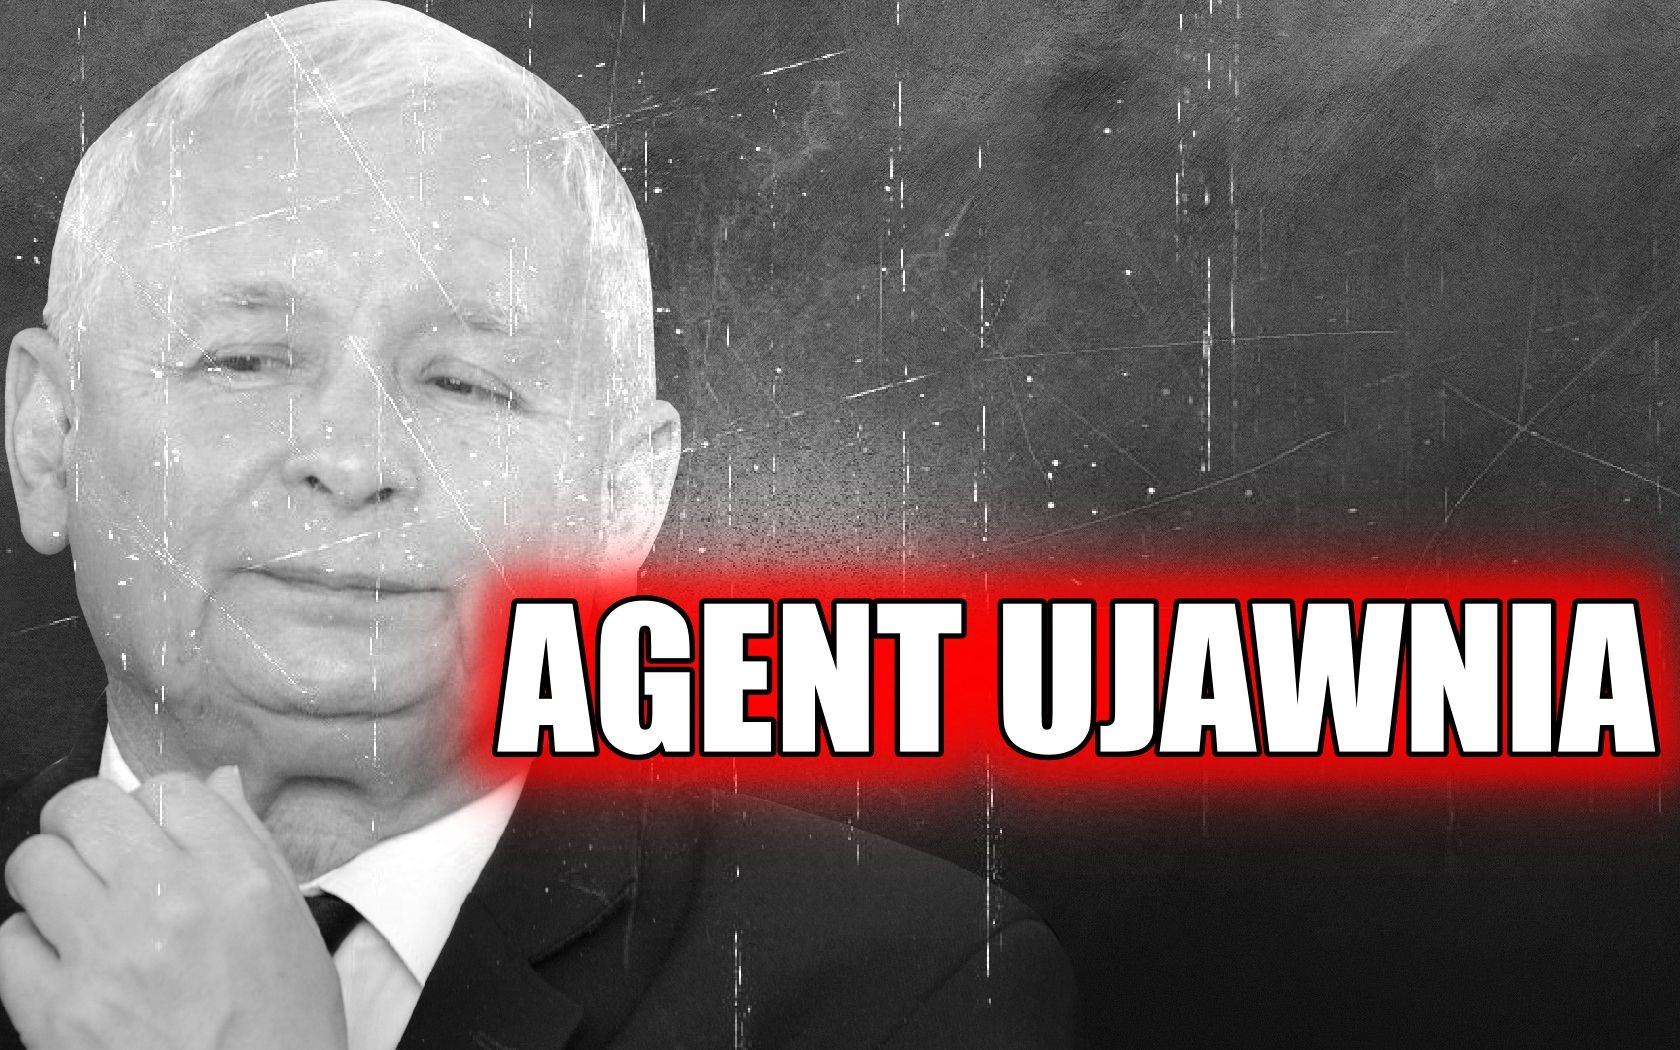 Agent wywrócił scenę! Szokujące informacje o Kaczyńskim ujawnione